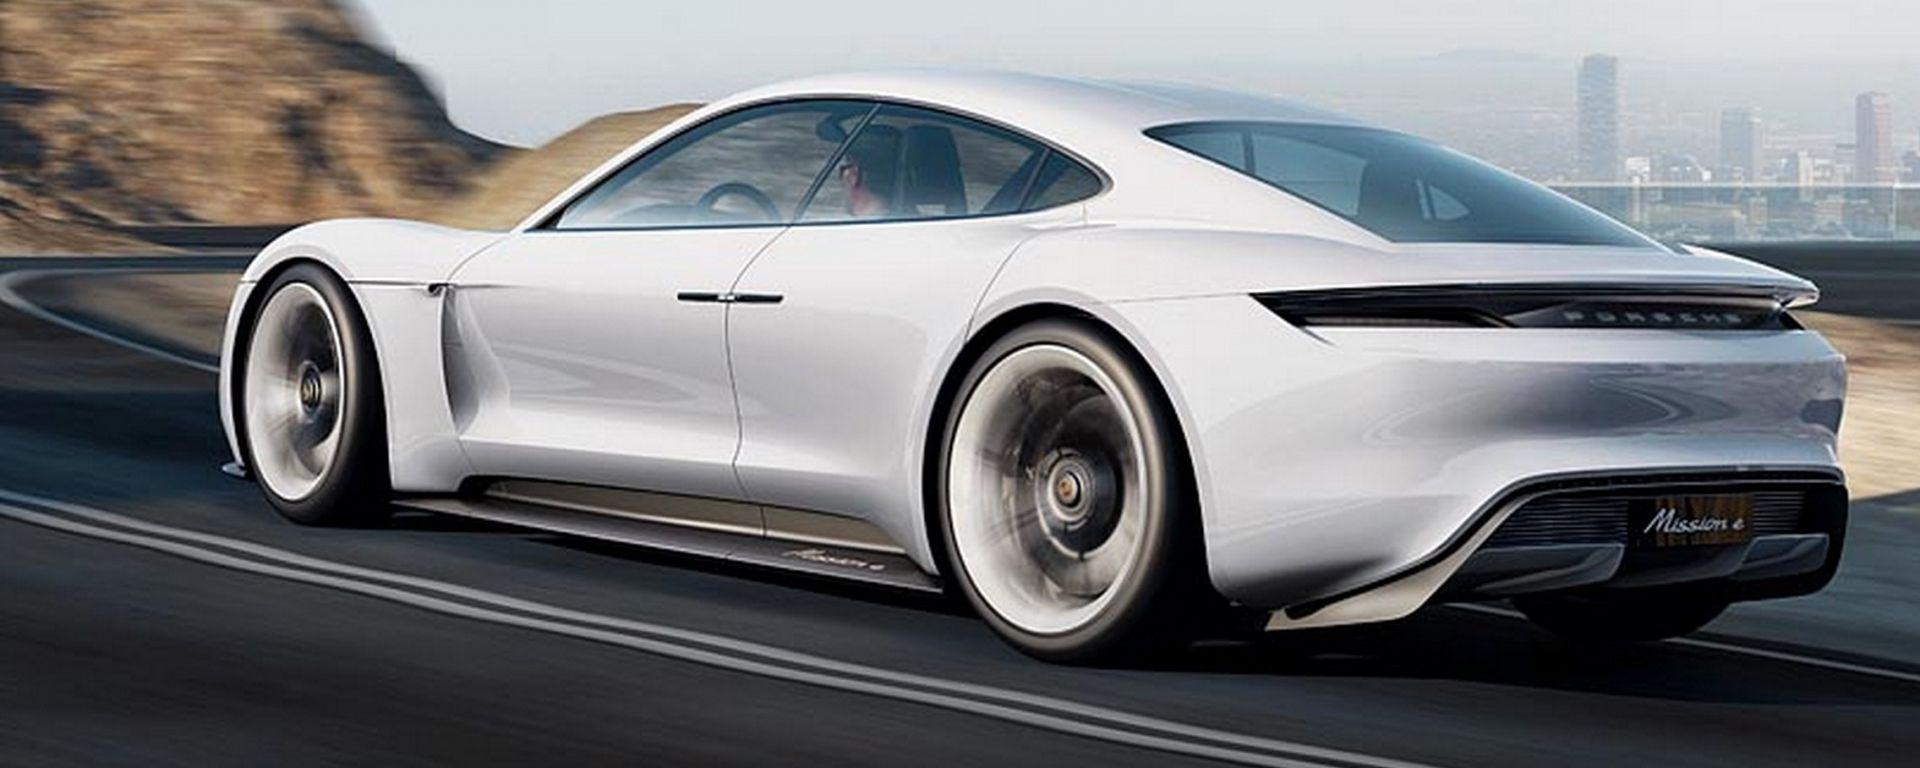 Auto elettriche: Volkswagen spaventa con le previsioni ...